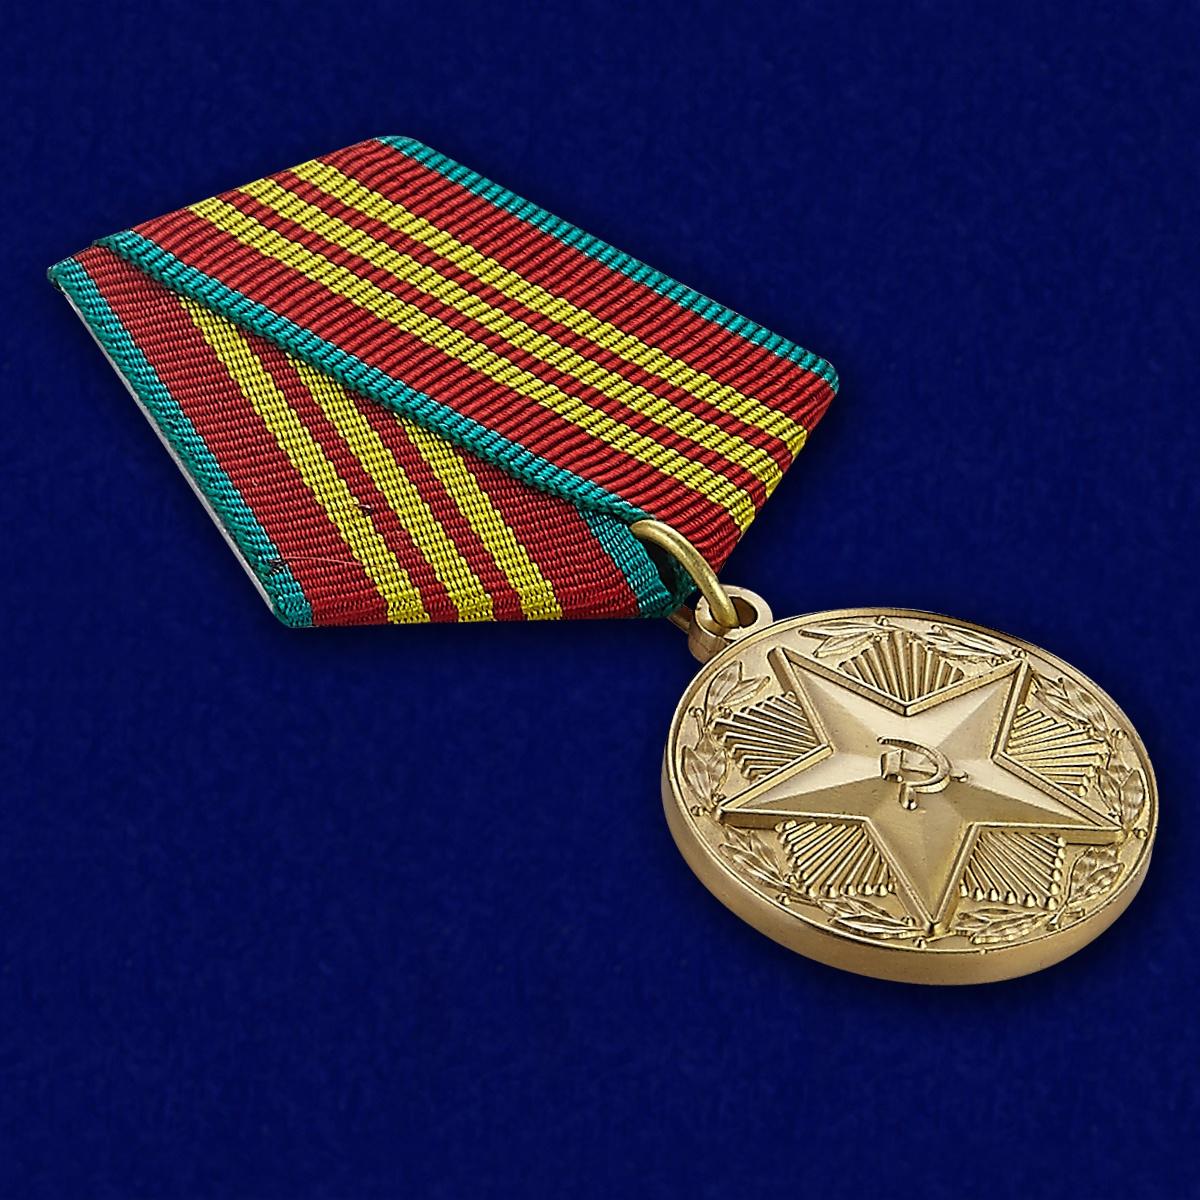 Медаль За безупречную службу ВС СССР 3 степени (муляж) - вид под углом